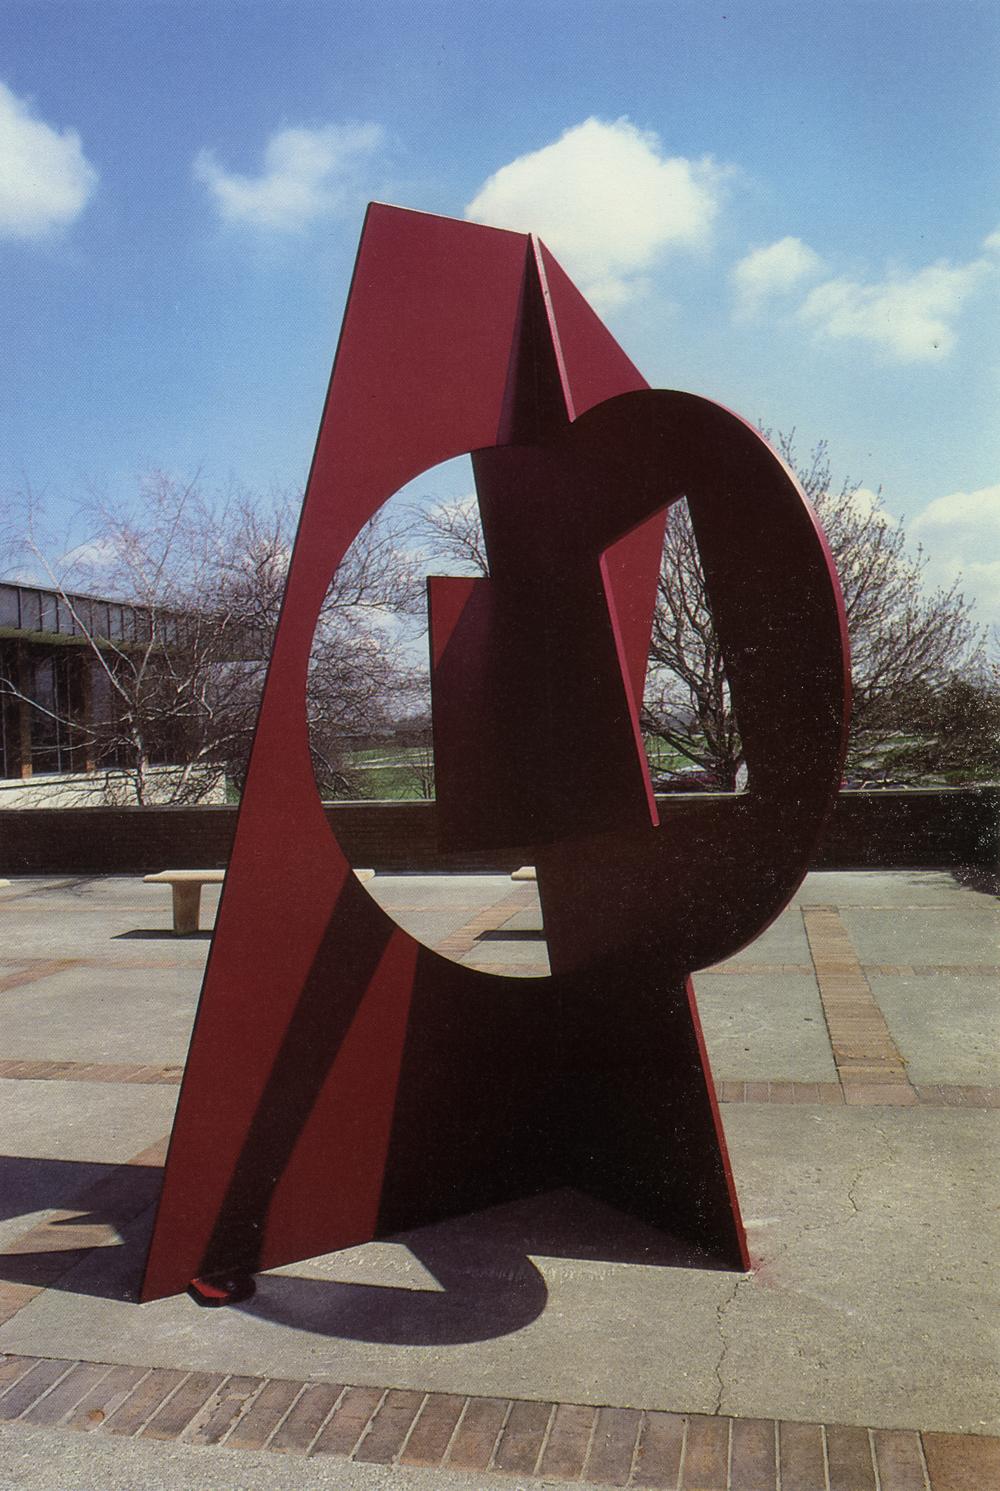 Valparaiso University, Valparaiso, Indiana; 1987.  Kaikoo XV.  11' x 6.5' x 7'.